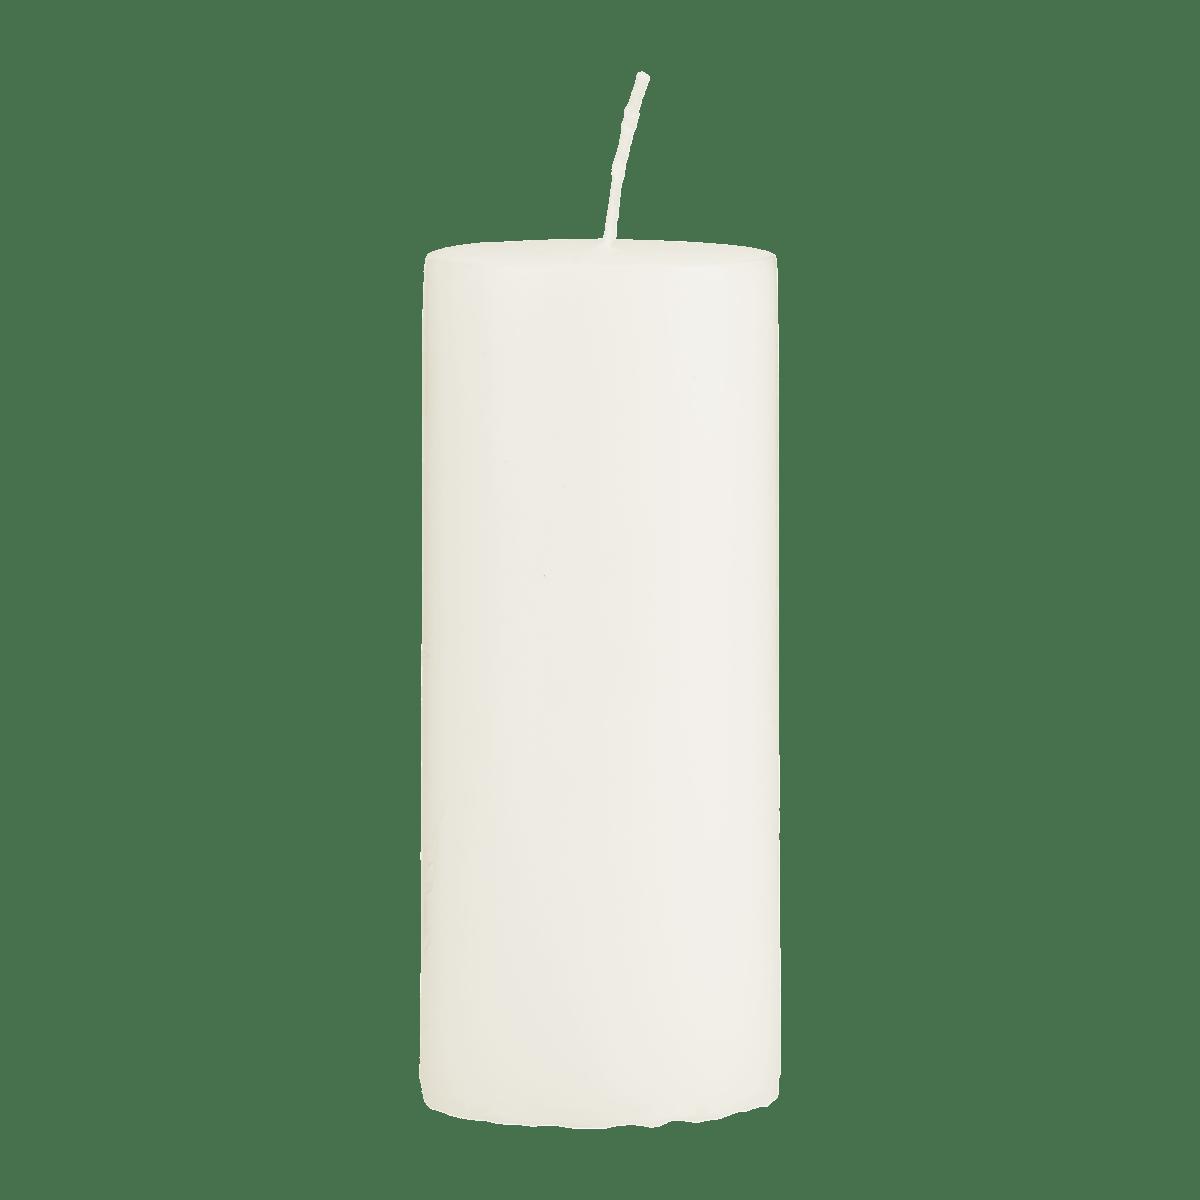 Světle šedá svíčka 6x15 cm - set 2 kusů